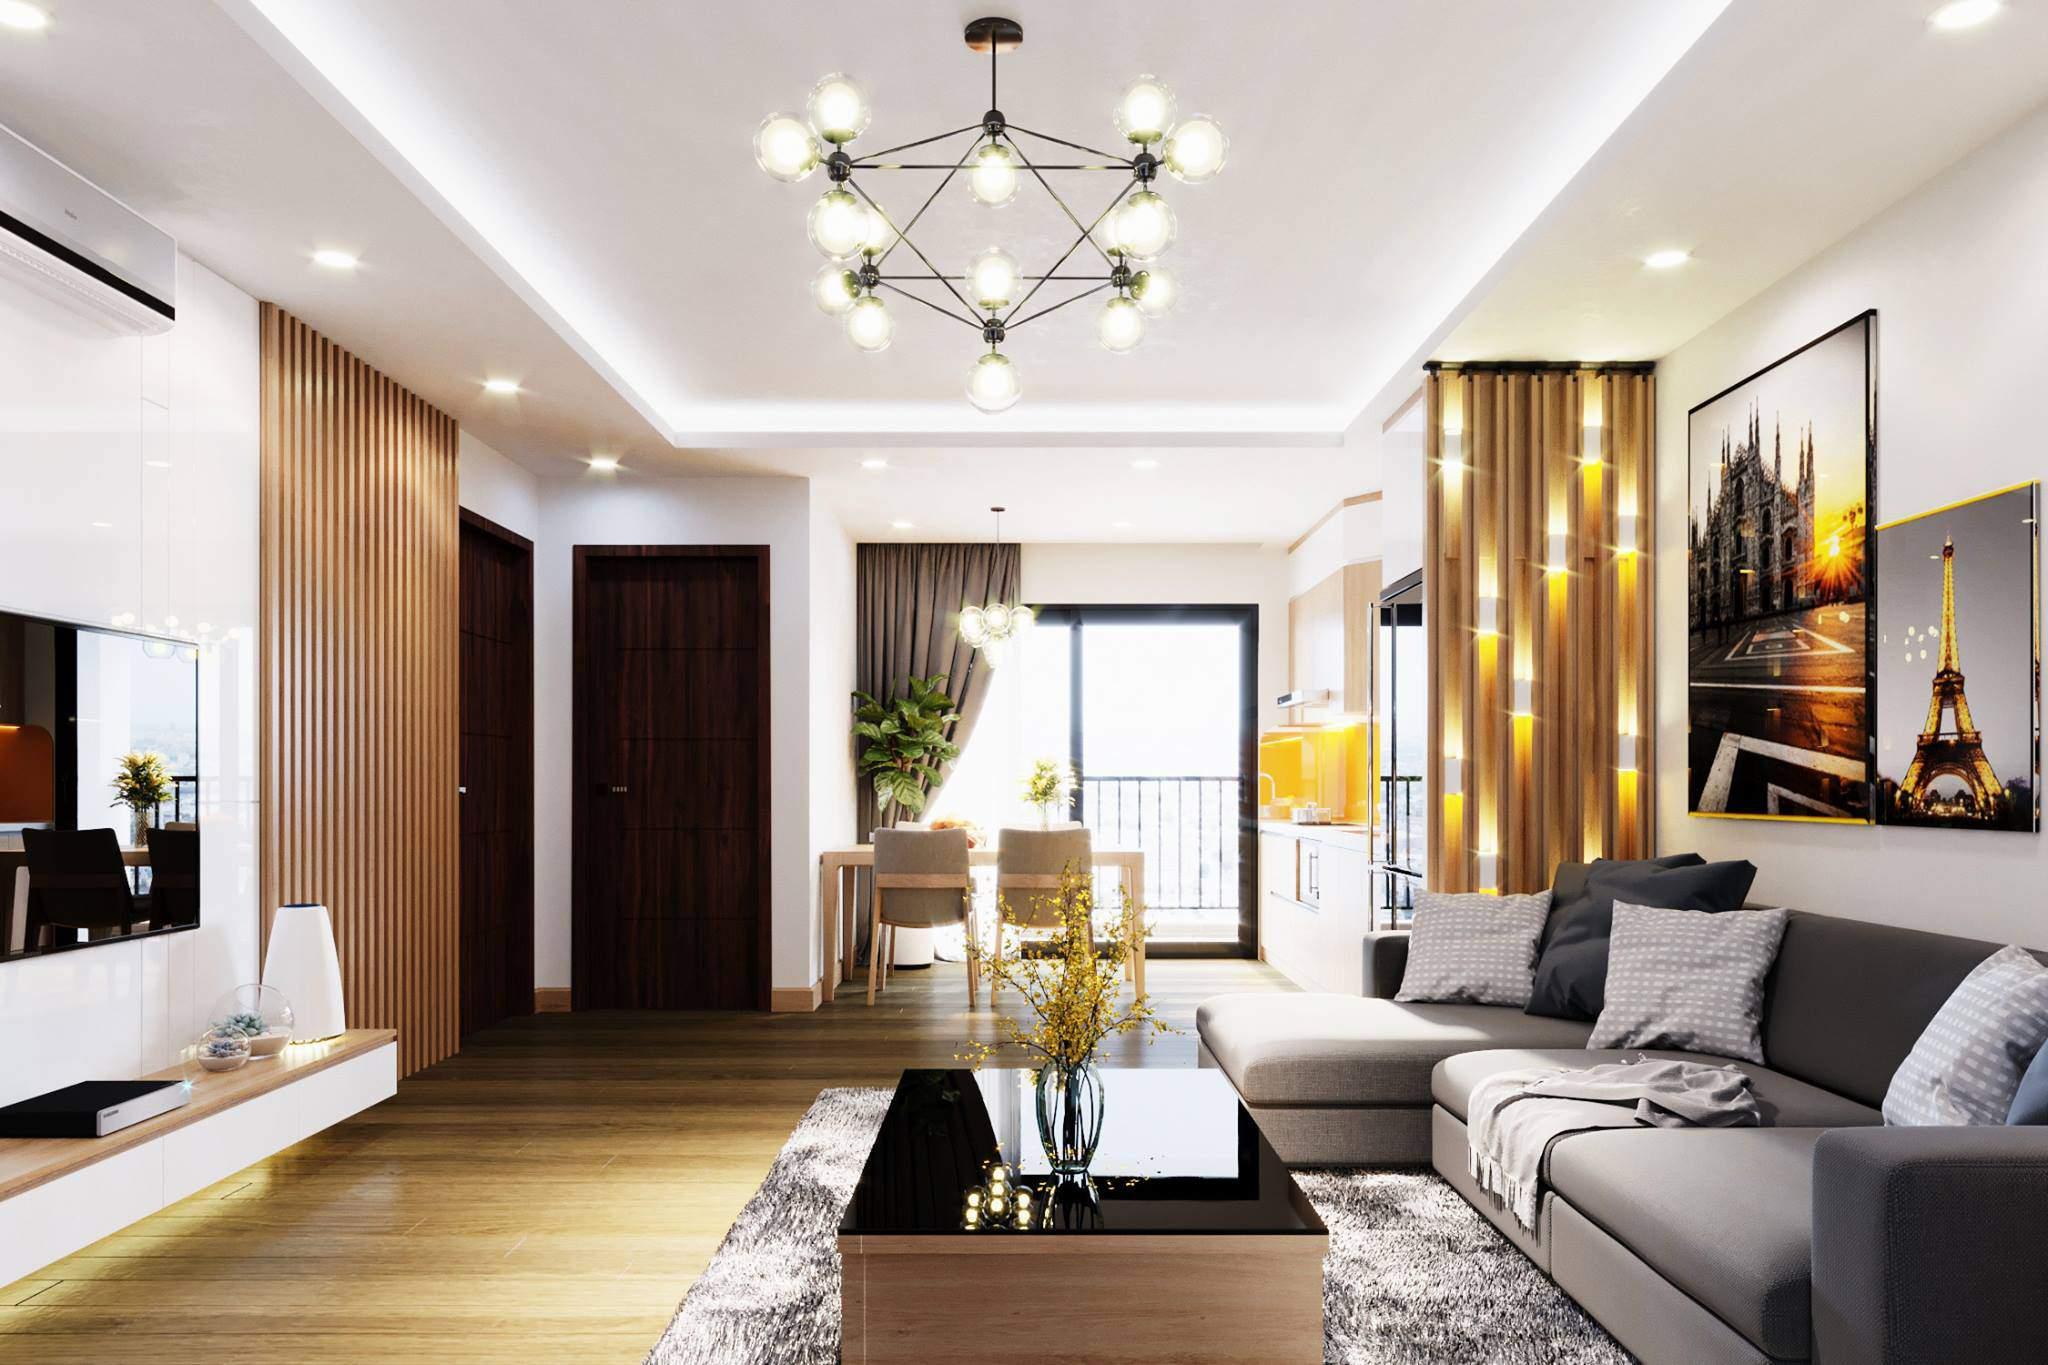 Mẫu trang trí phòng khách đơn giản tuyệt đẹp cho nhà chung cư